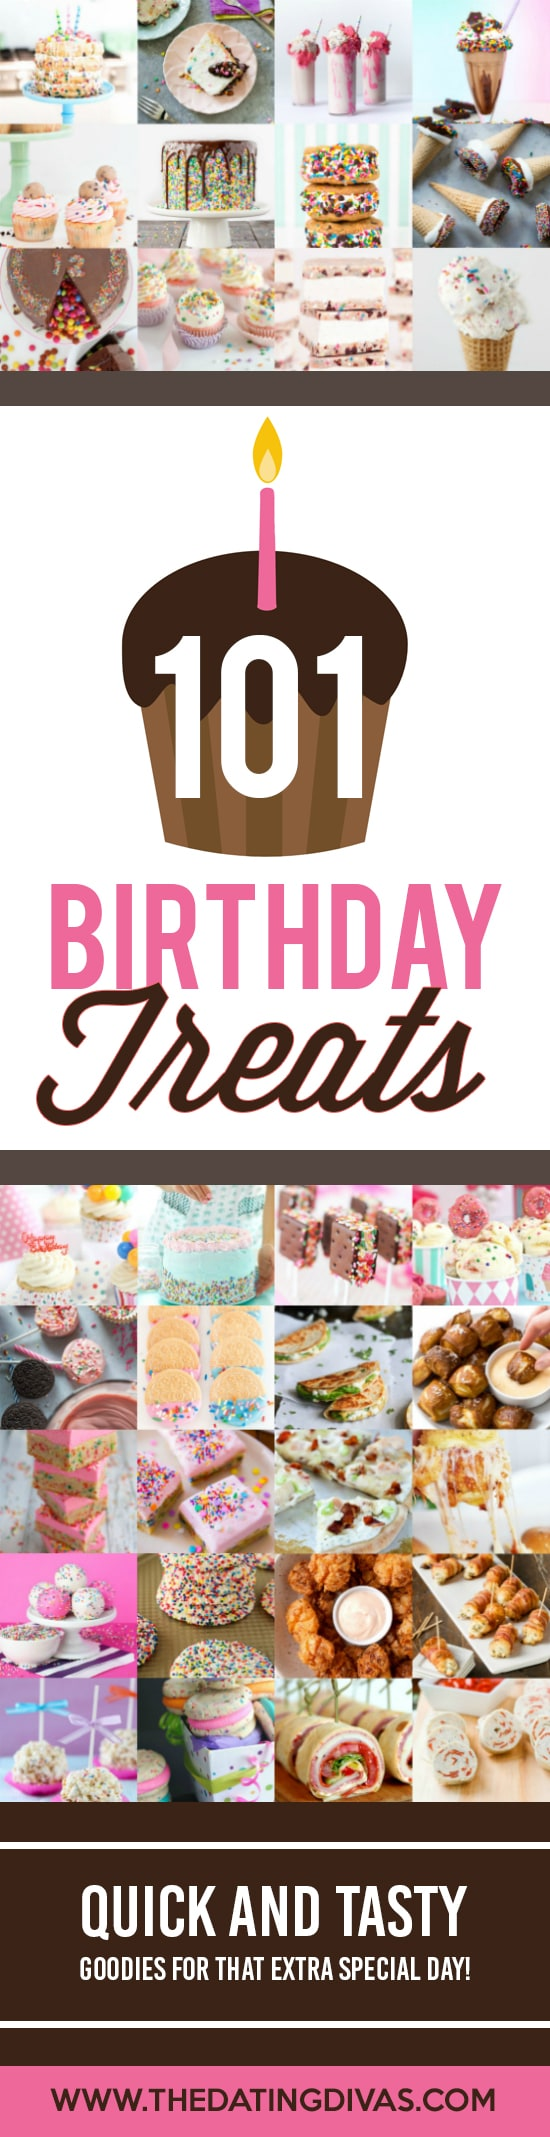 101 Birthday Treats